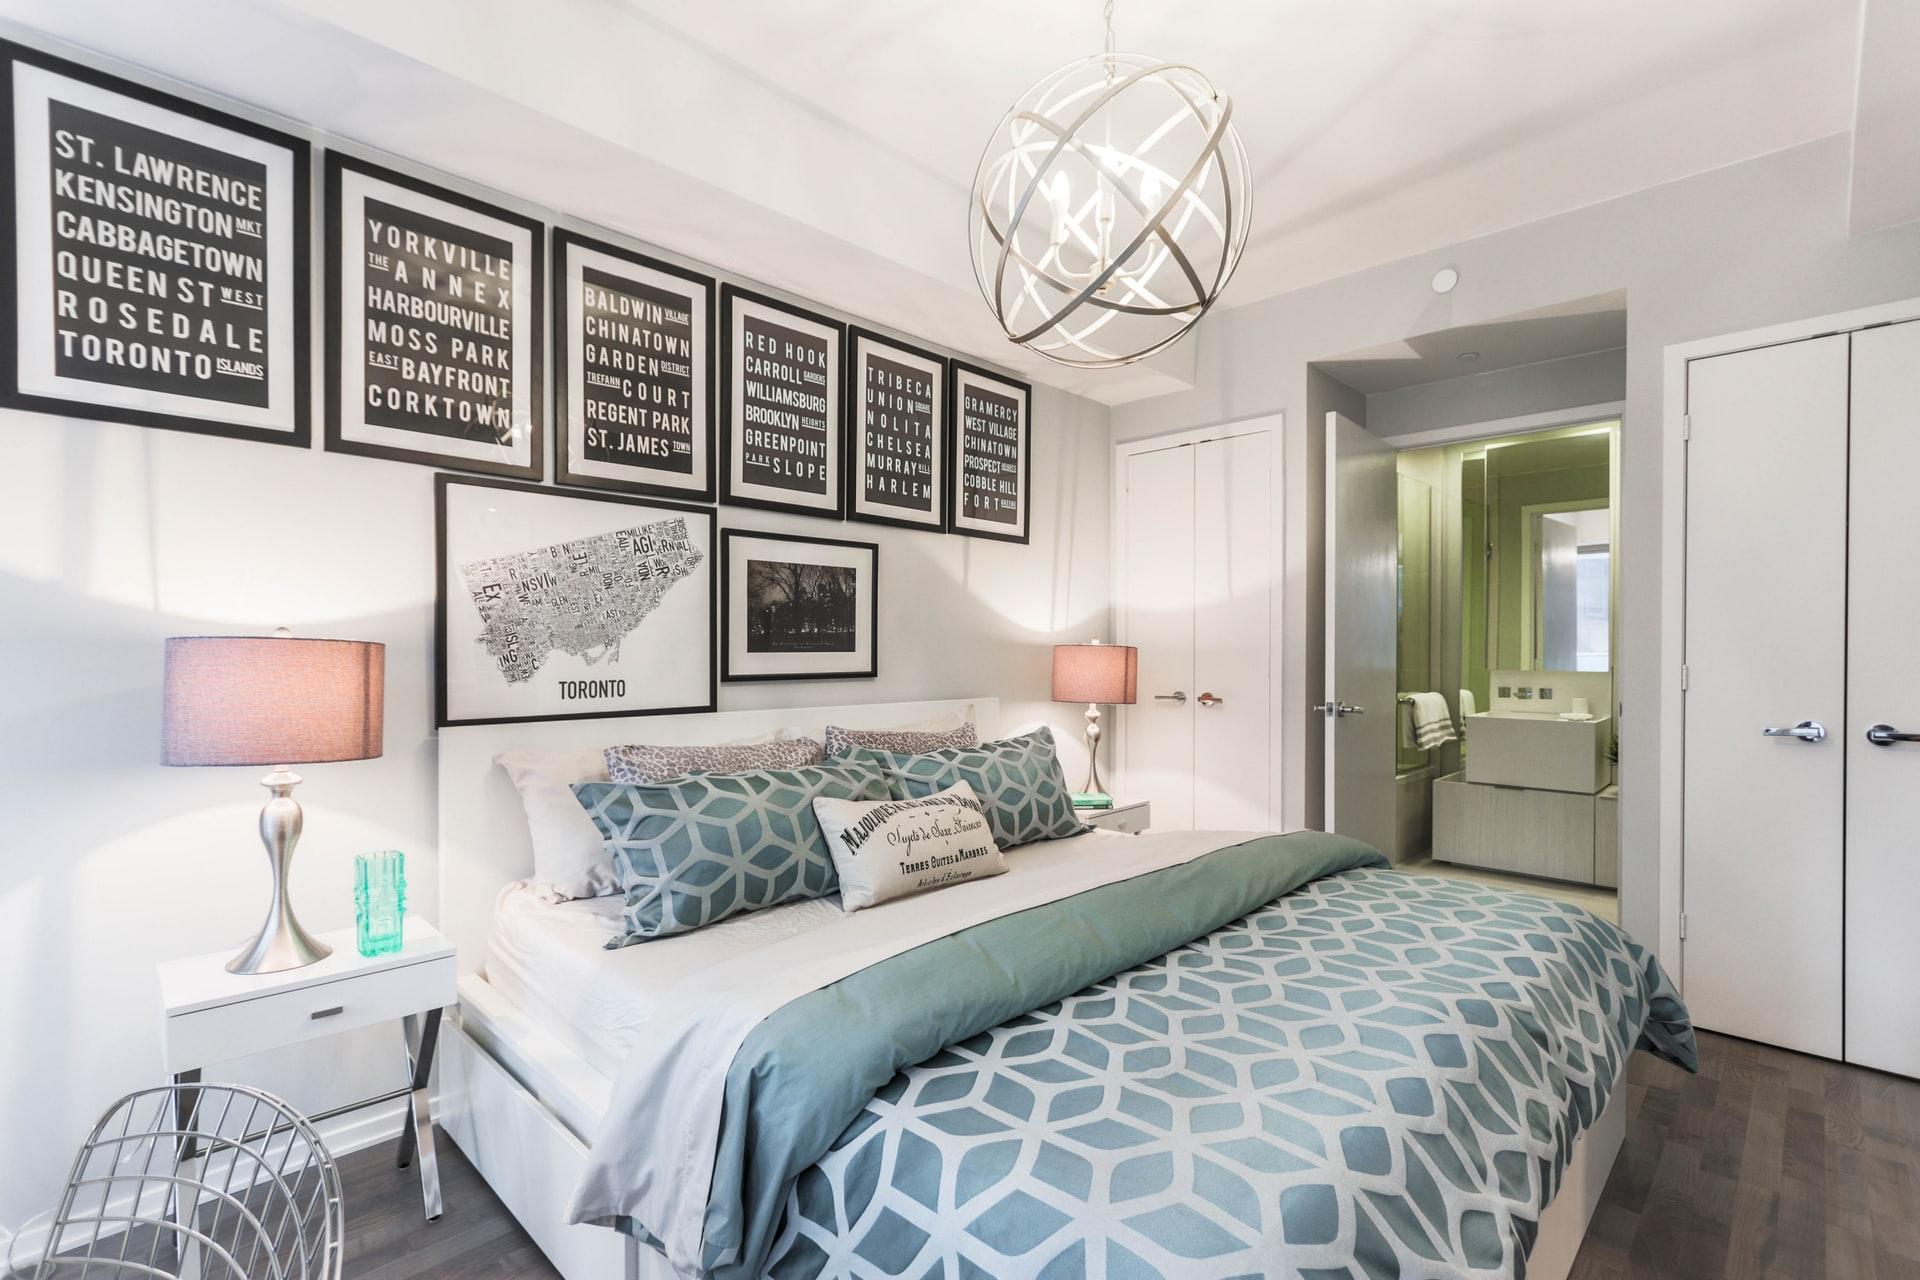 10 Contoh Perpaduan Warna Pastel Untuk Ruangan Kamar Rumah Terlihat Modern Mamikos Info